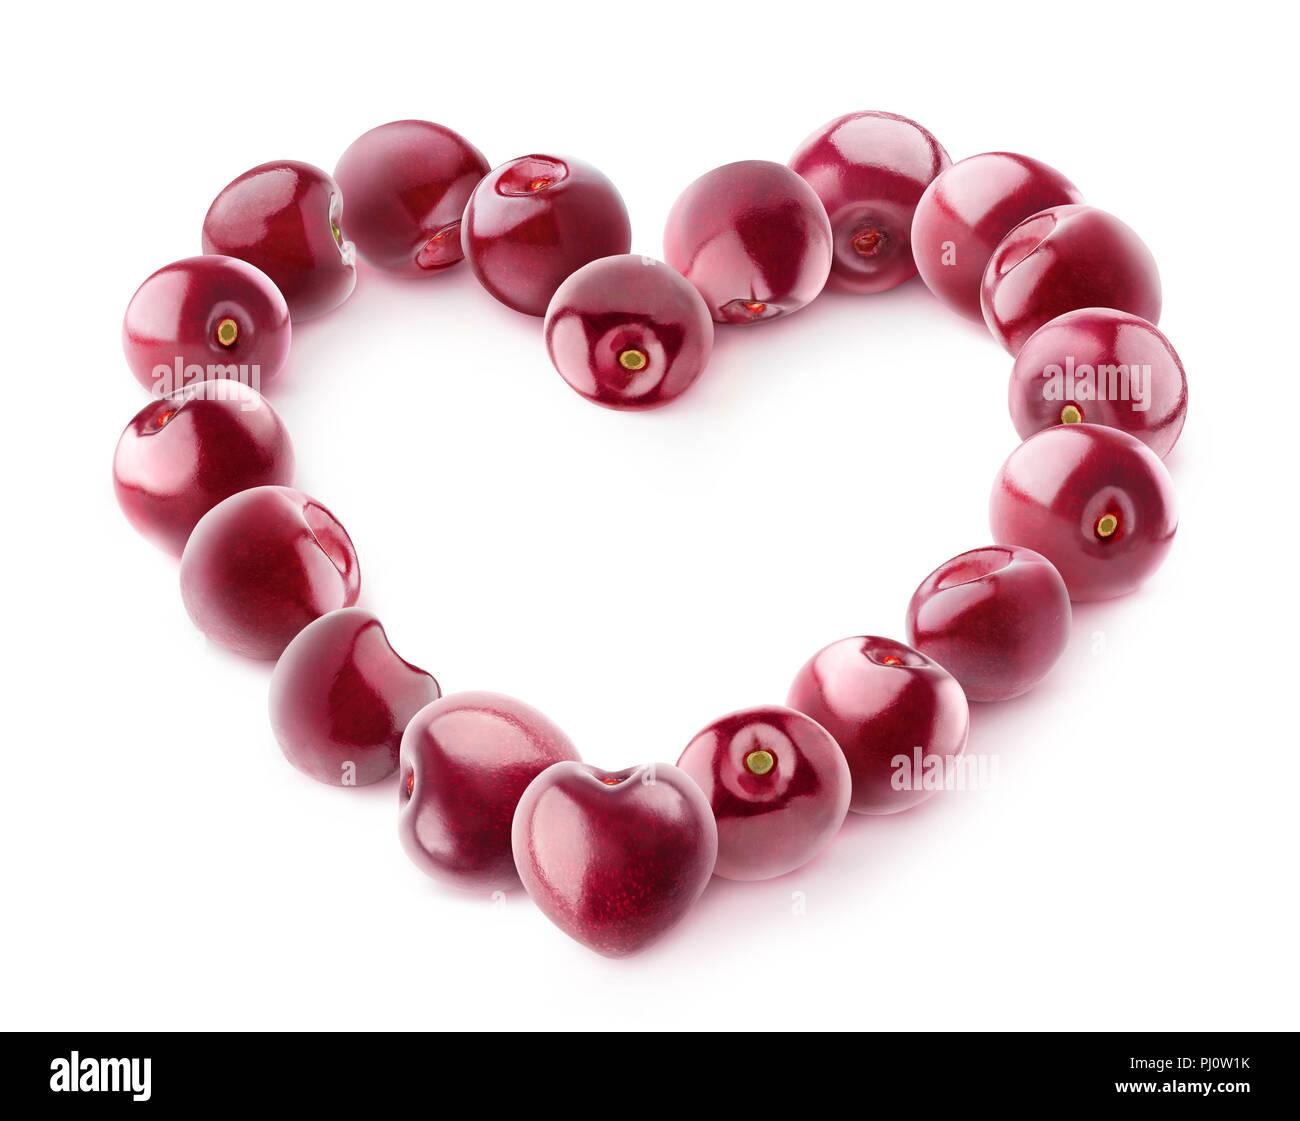 Le ciliegie isolata nel cuore. Ciliegio dolce frutta nel cuore composizione sagomata isolata su sfondo bianco con tracciato di ritaglio Immagini Stock